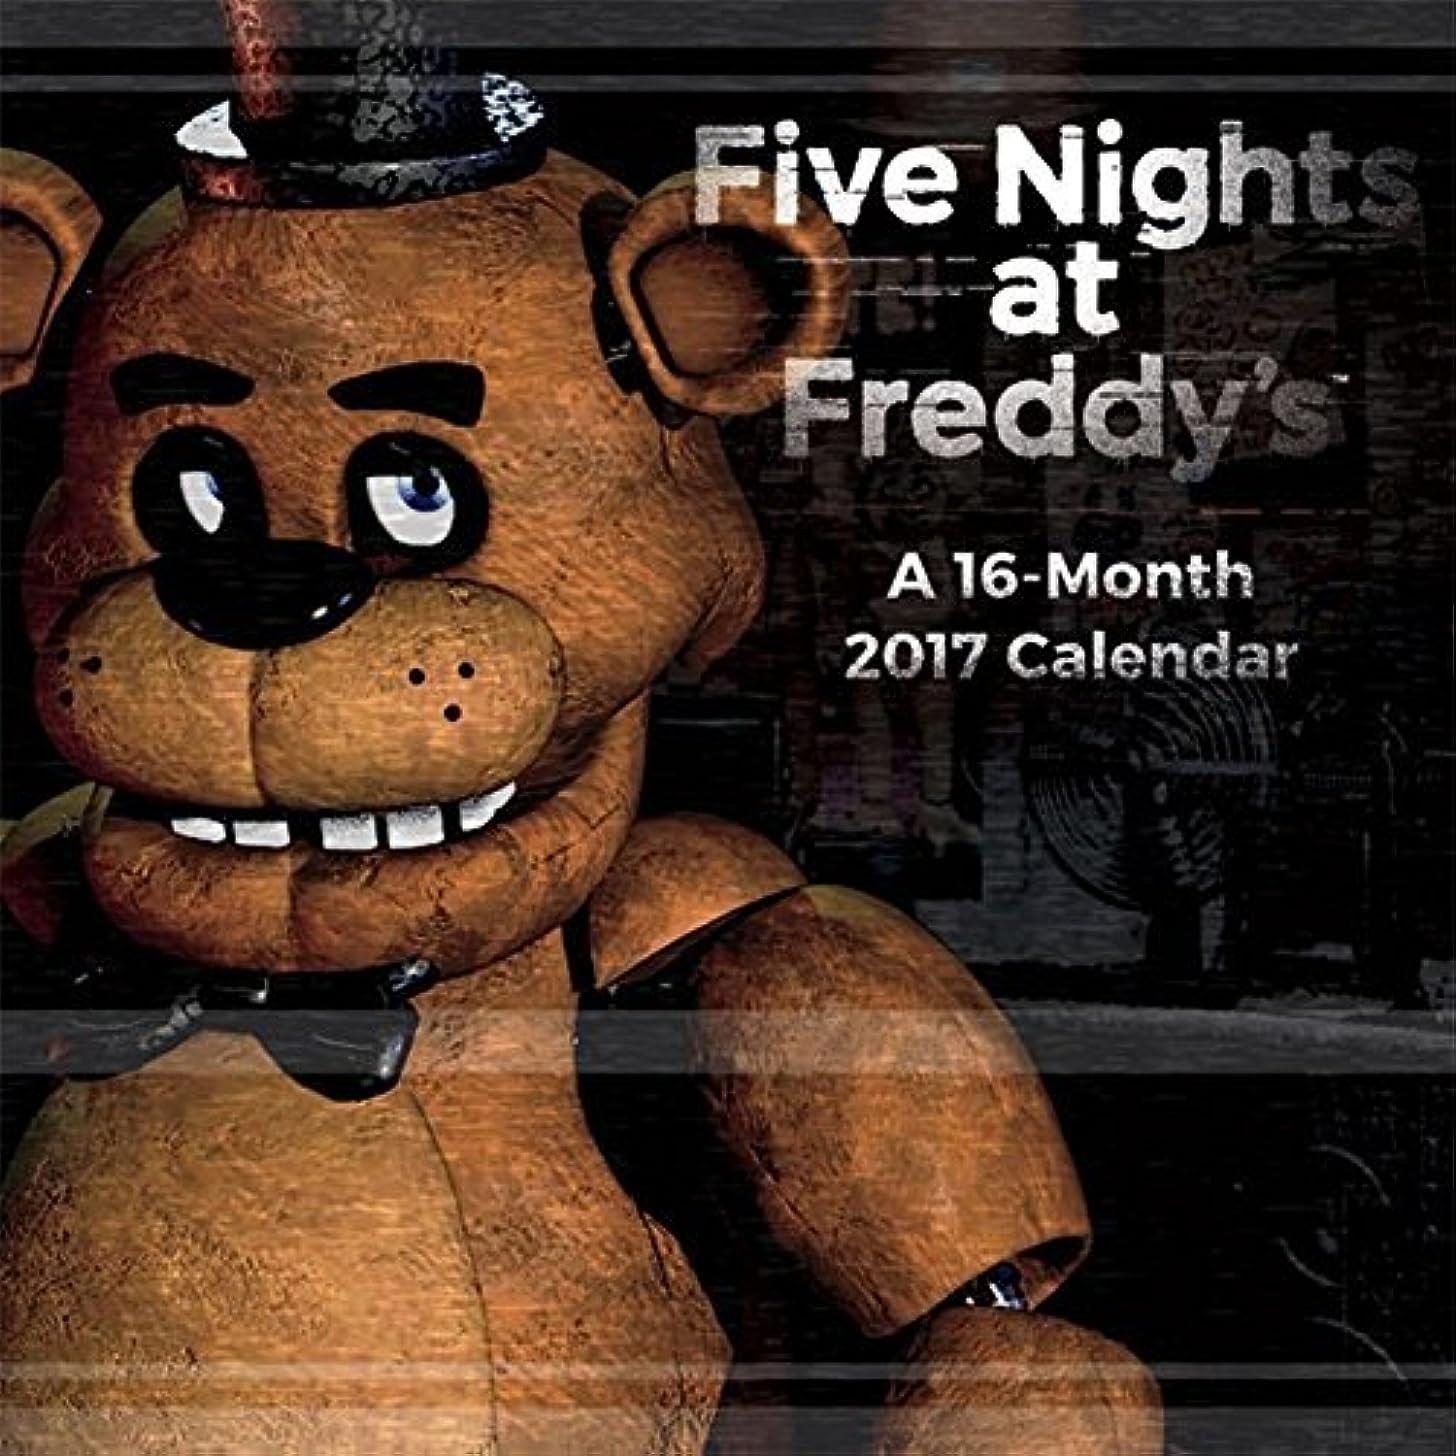 防止機知に富んだ宣言Five Nights At Freddy's - 2017 Calendar 12 x 12in [並行輸入品]